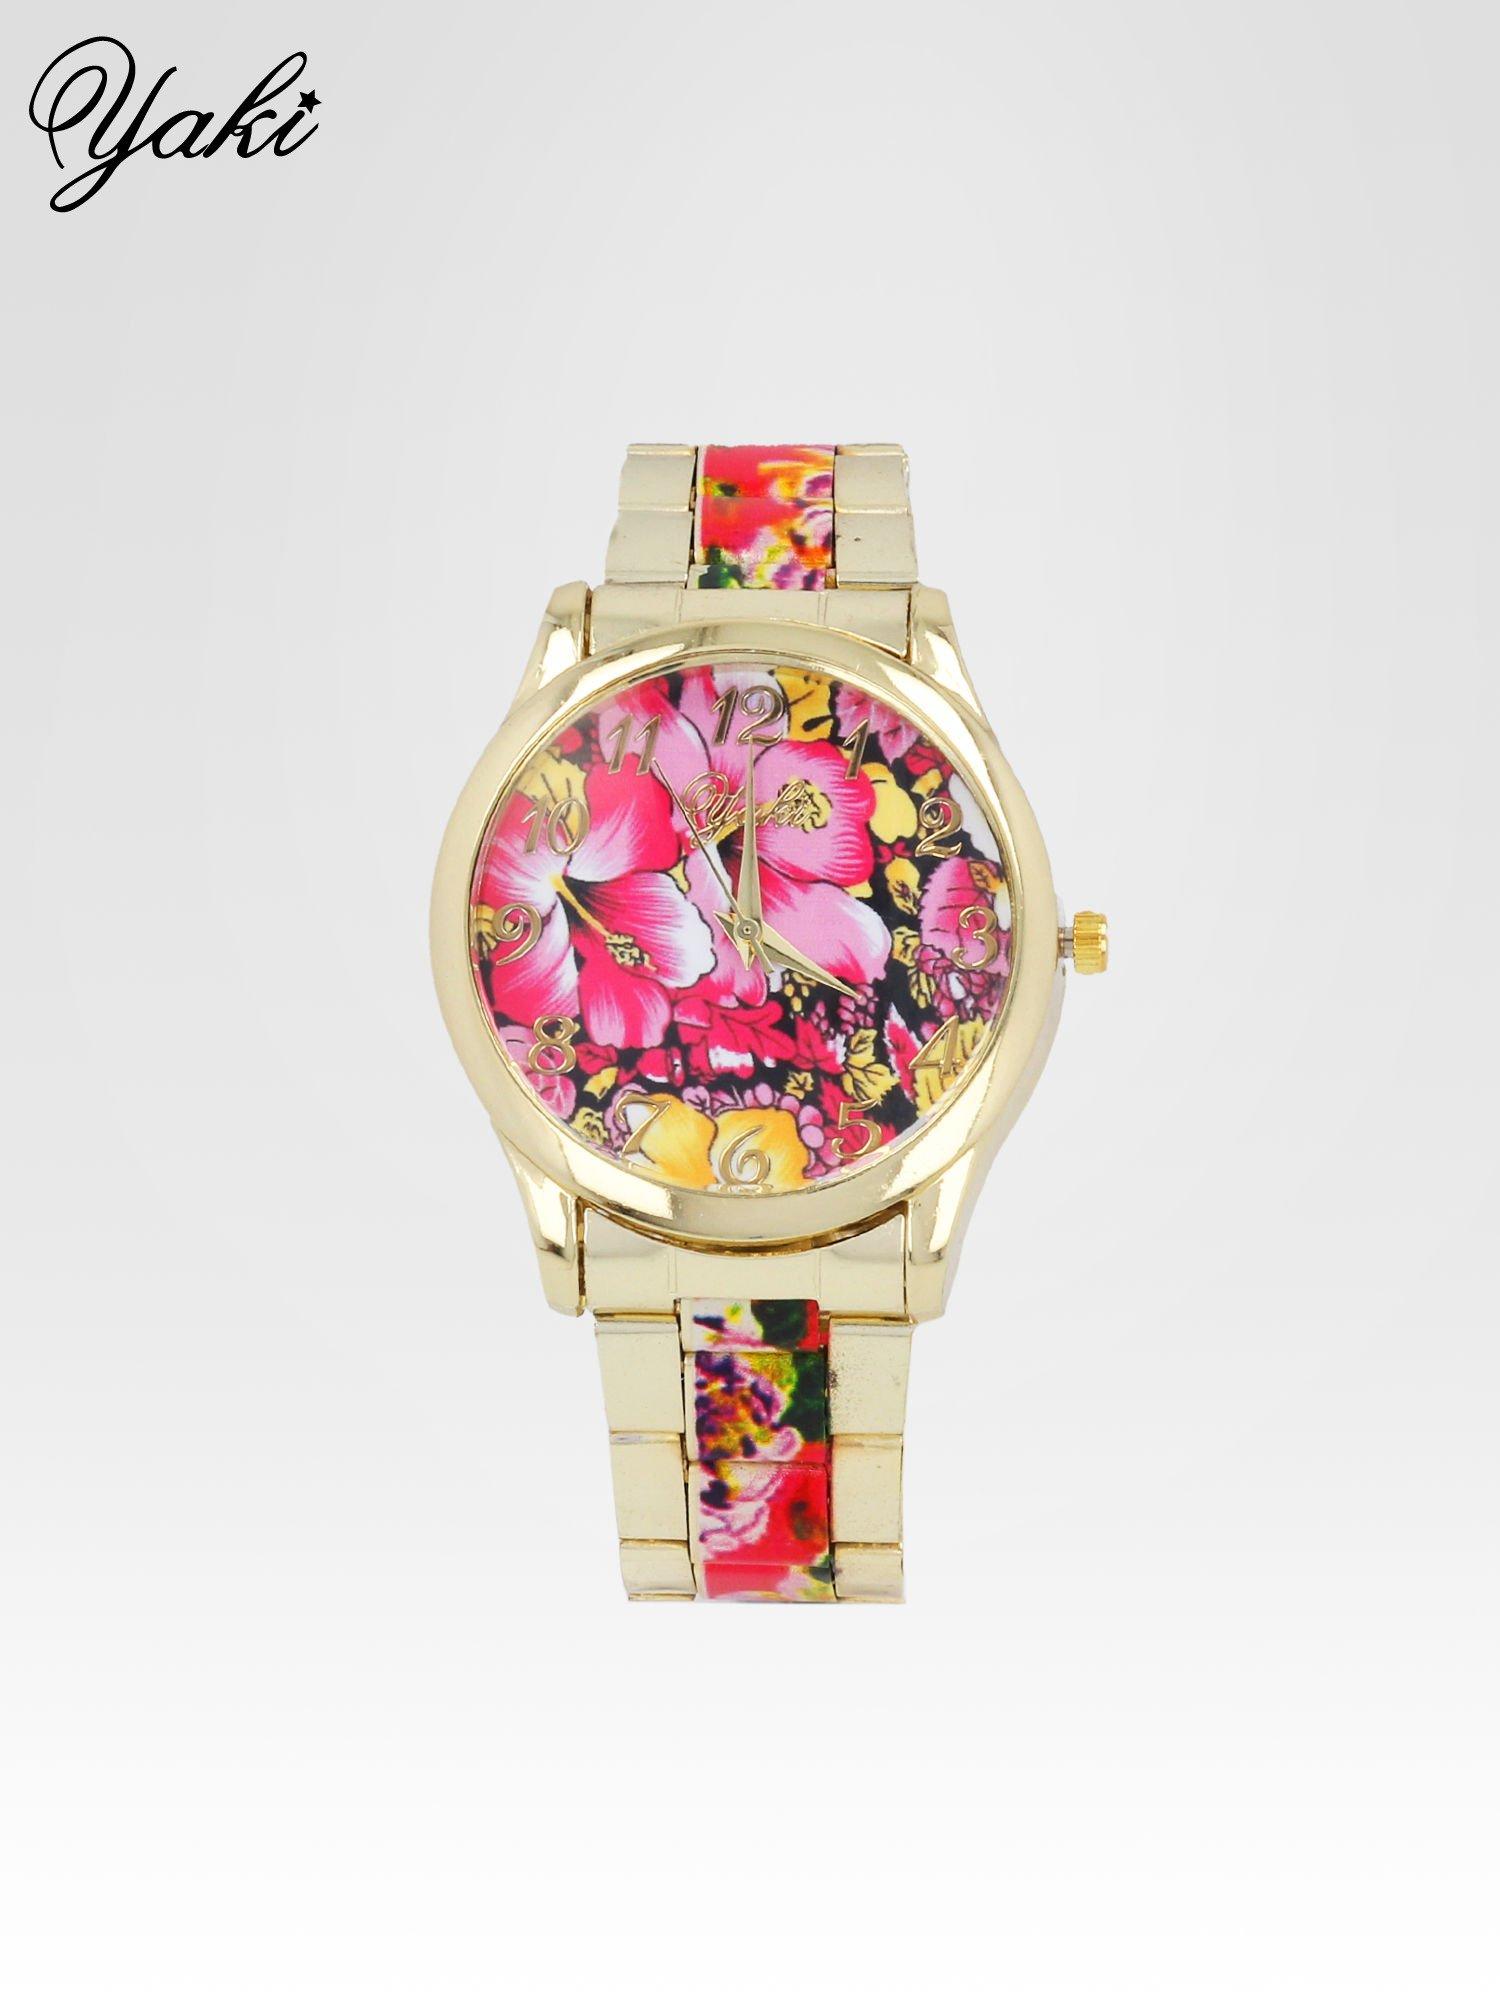 Złoty zegarek damski na bransolecie z różowym motywem kwiatowym                                  zdj.                                  1